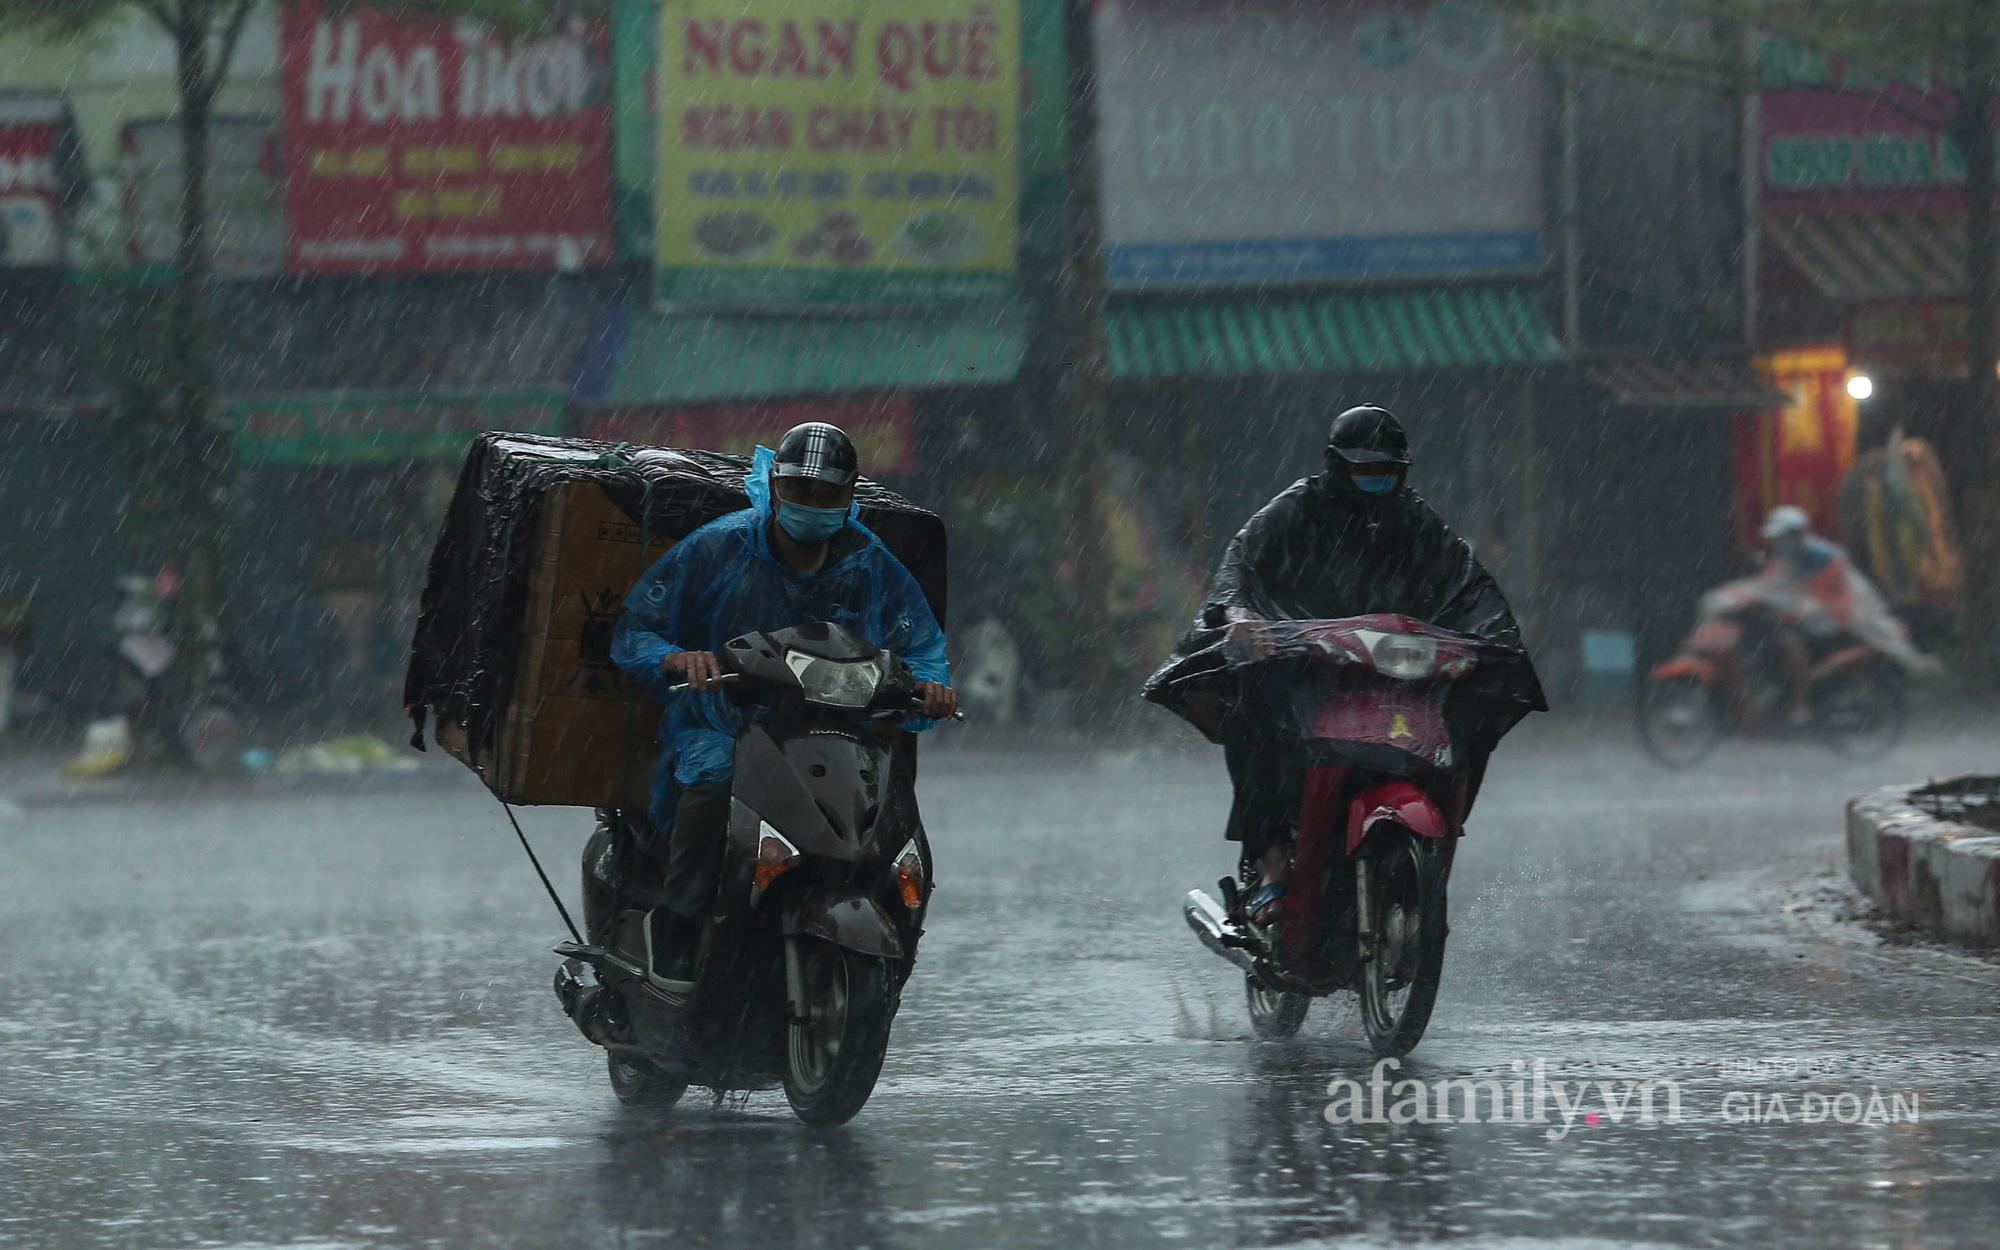 Người Hà Nội chật vật trong cơn mưa tầm tã ngày đầu tuần